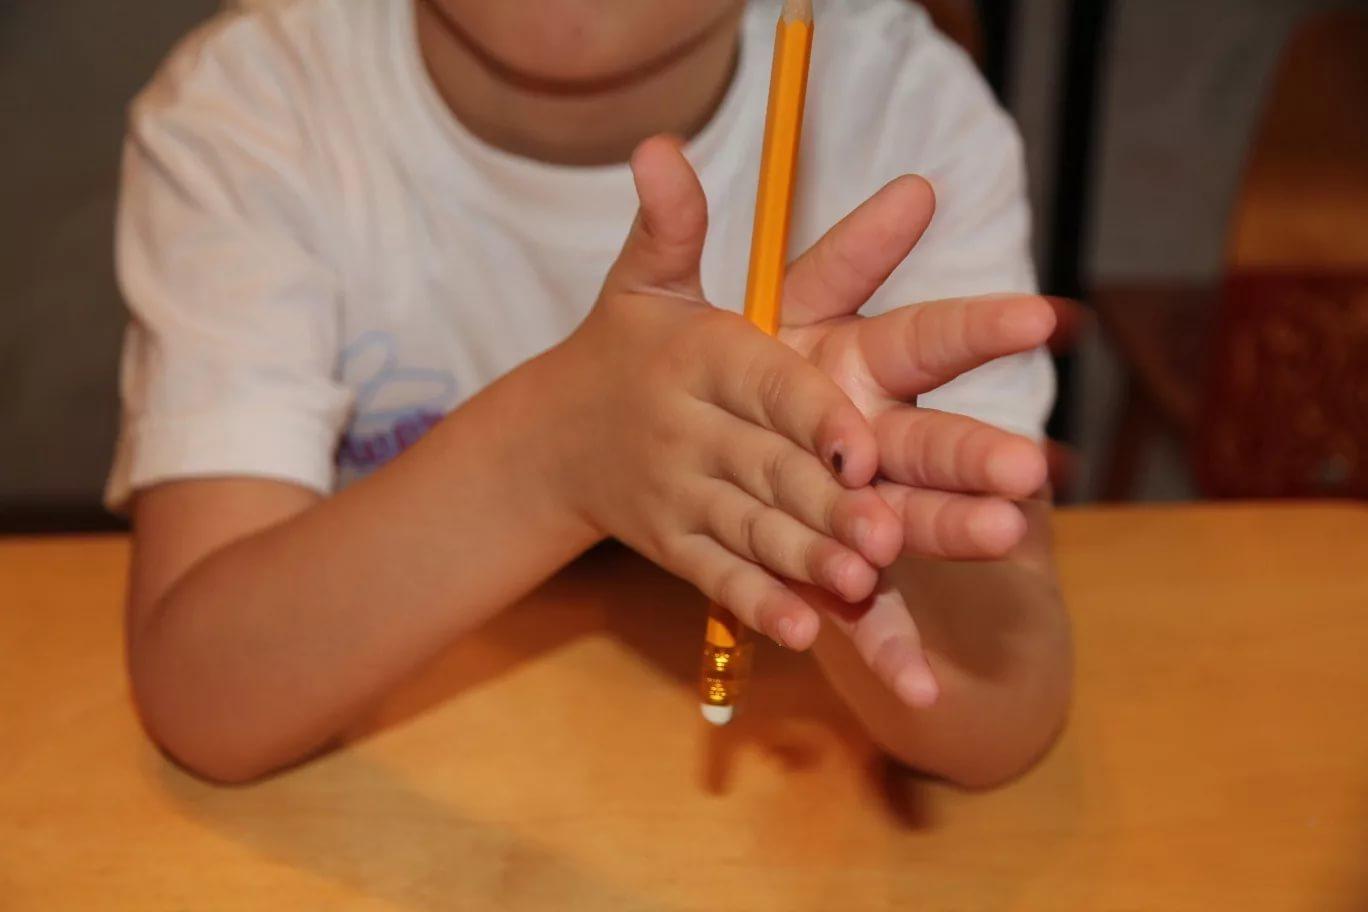 картинки для мелкой моторики пальцев рук этого, эффектнее